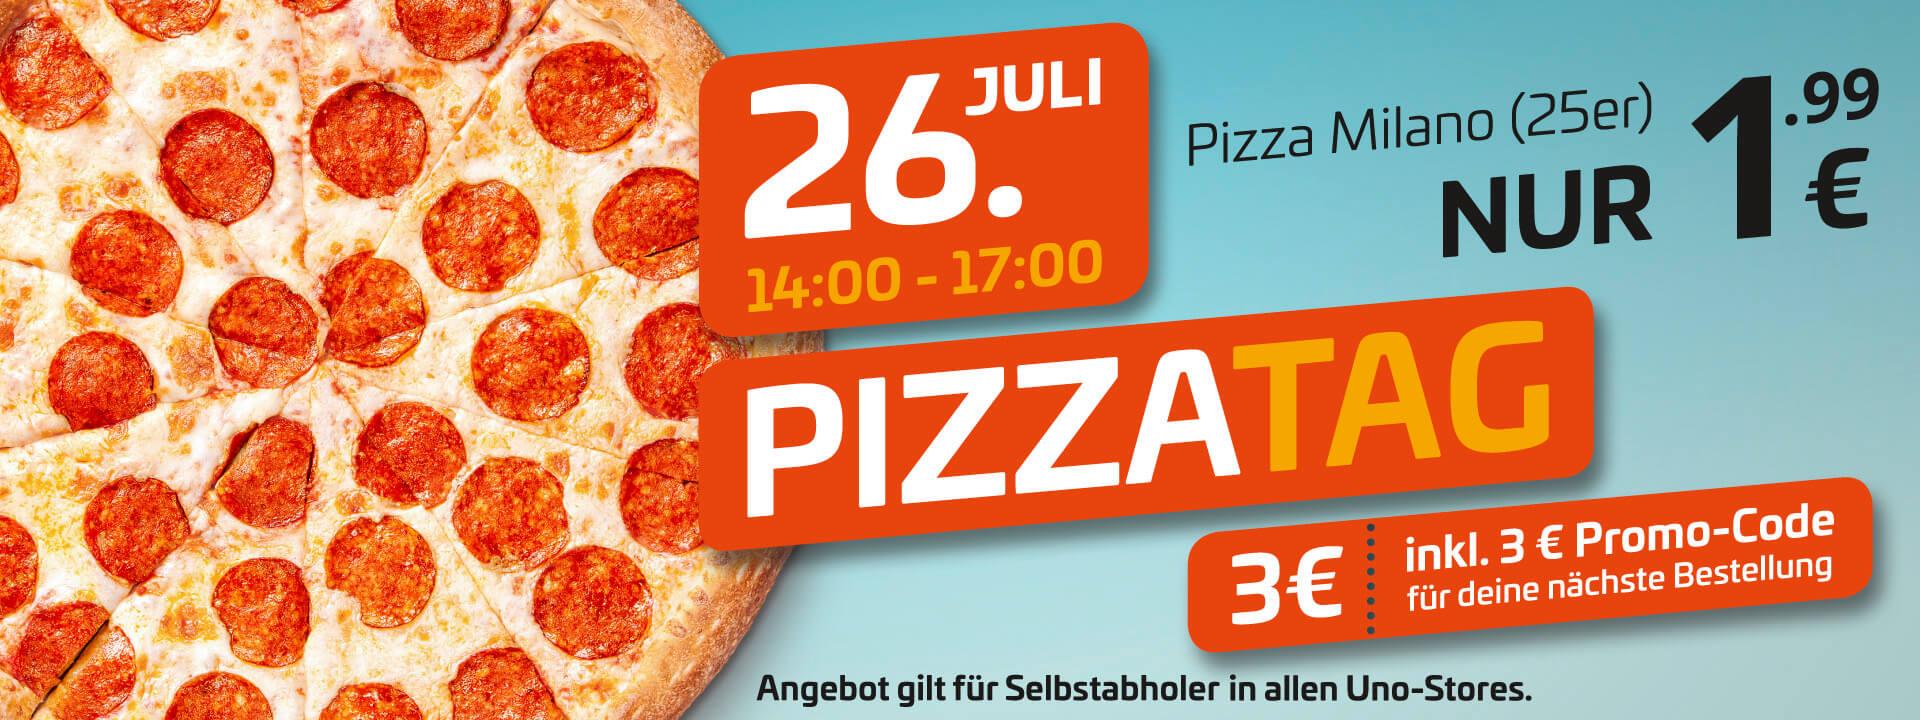 [lokal Magdeburg, Halle, Leipzig, Merseburg] uno Pizza Milano classic S (25 cm) + 3 € Promo-Code am Freitag, 26.7. von 14-17 Uhr für 1,99 €